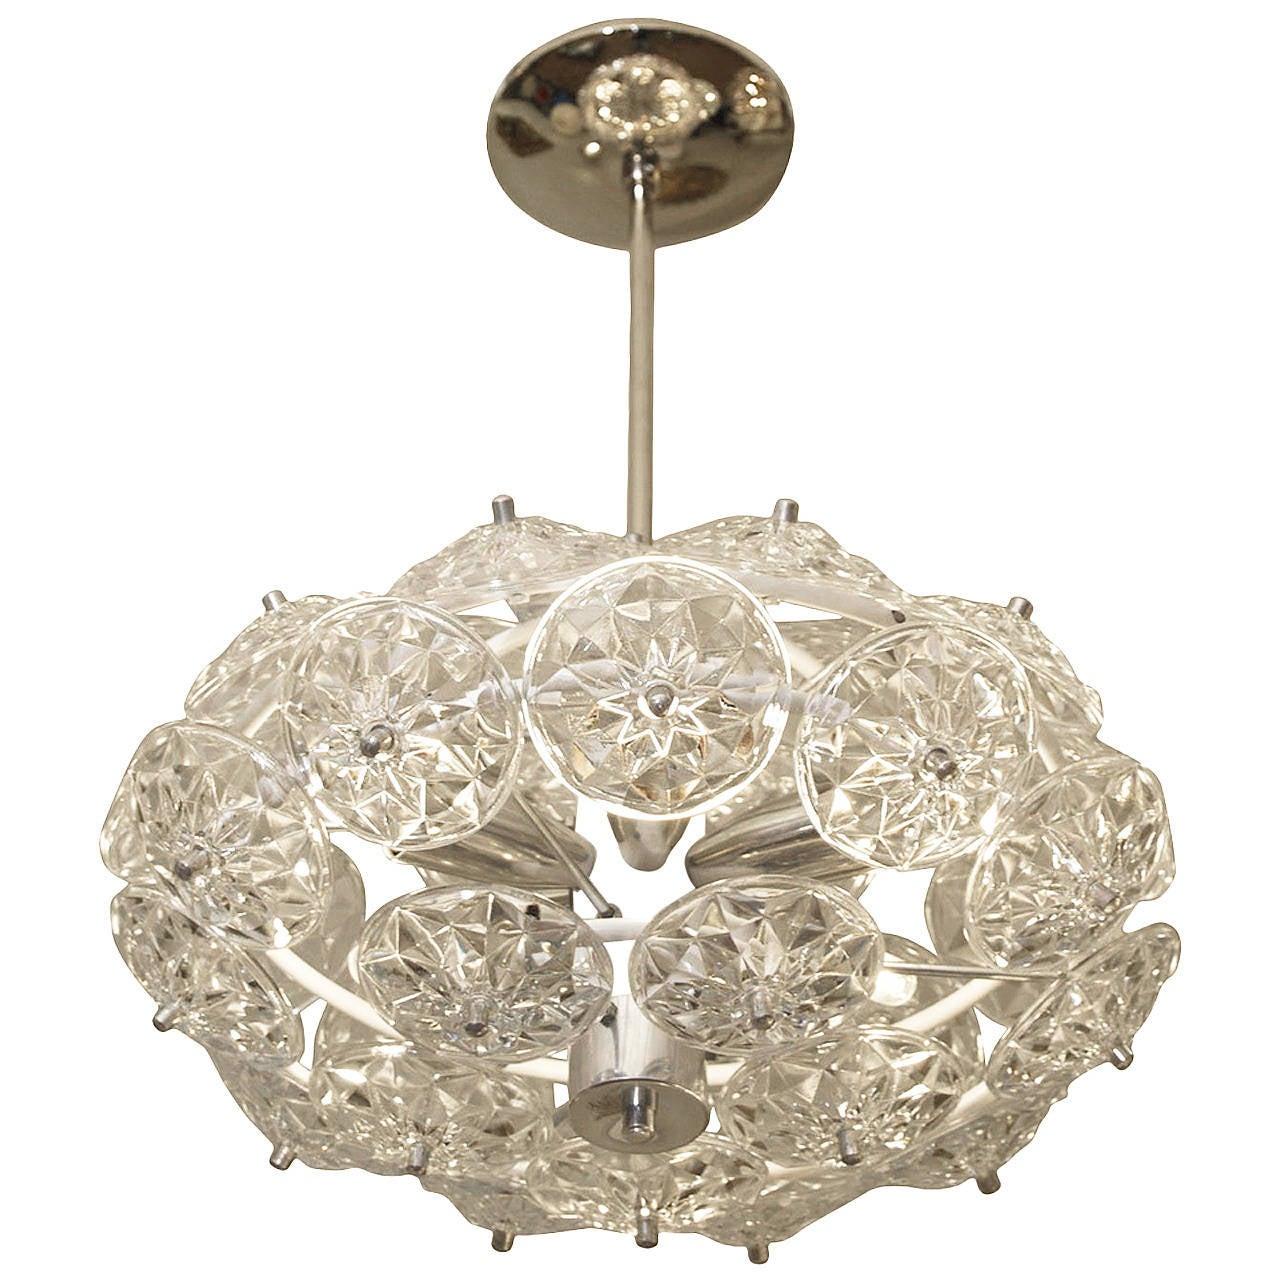 Oval glass sputnik chandelier at 1stdibs for Sputnik chandelier